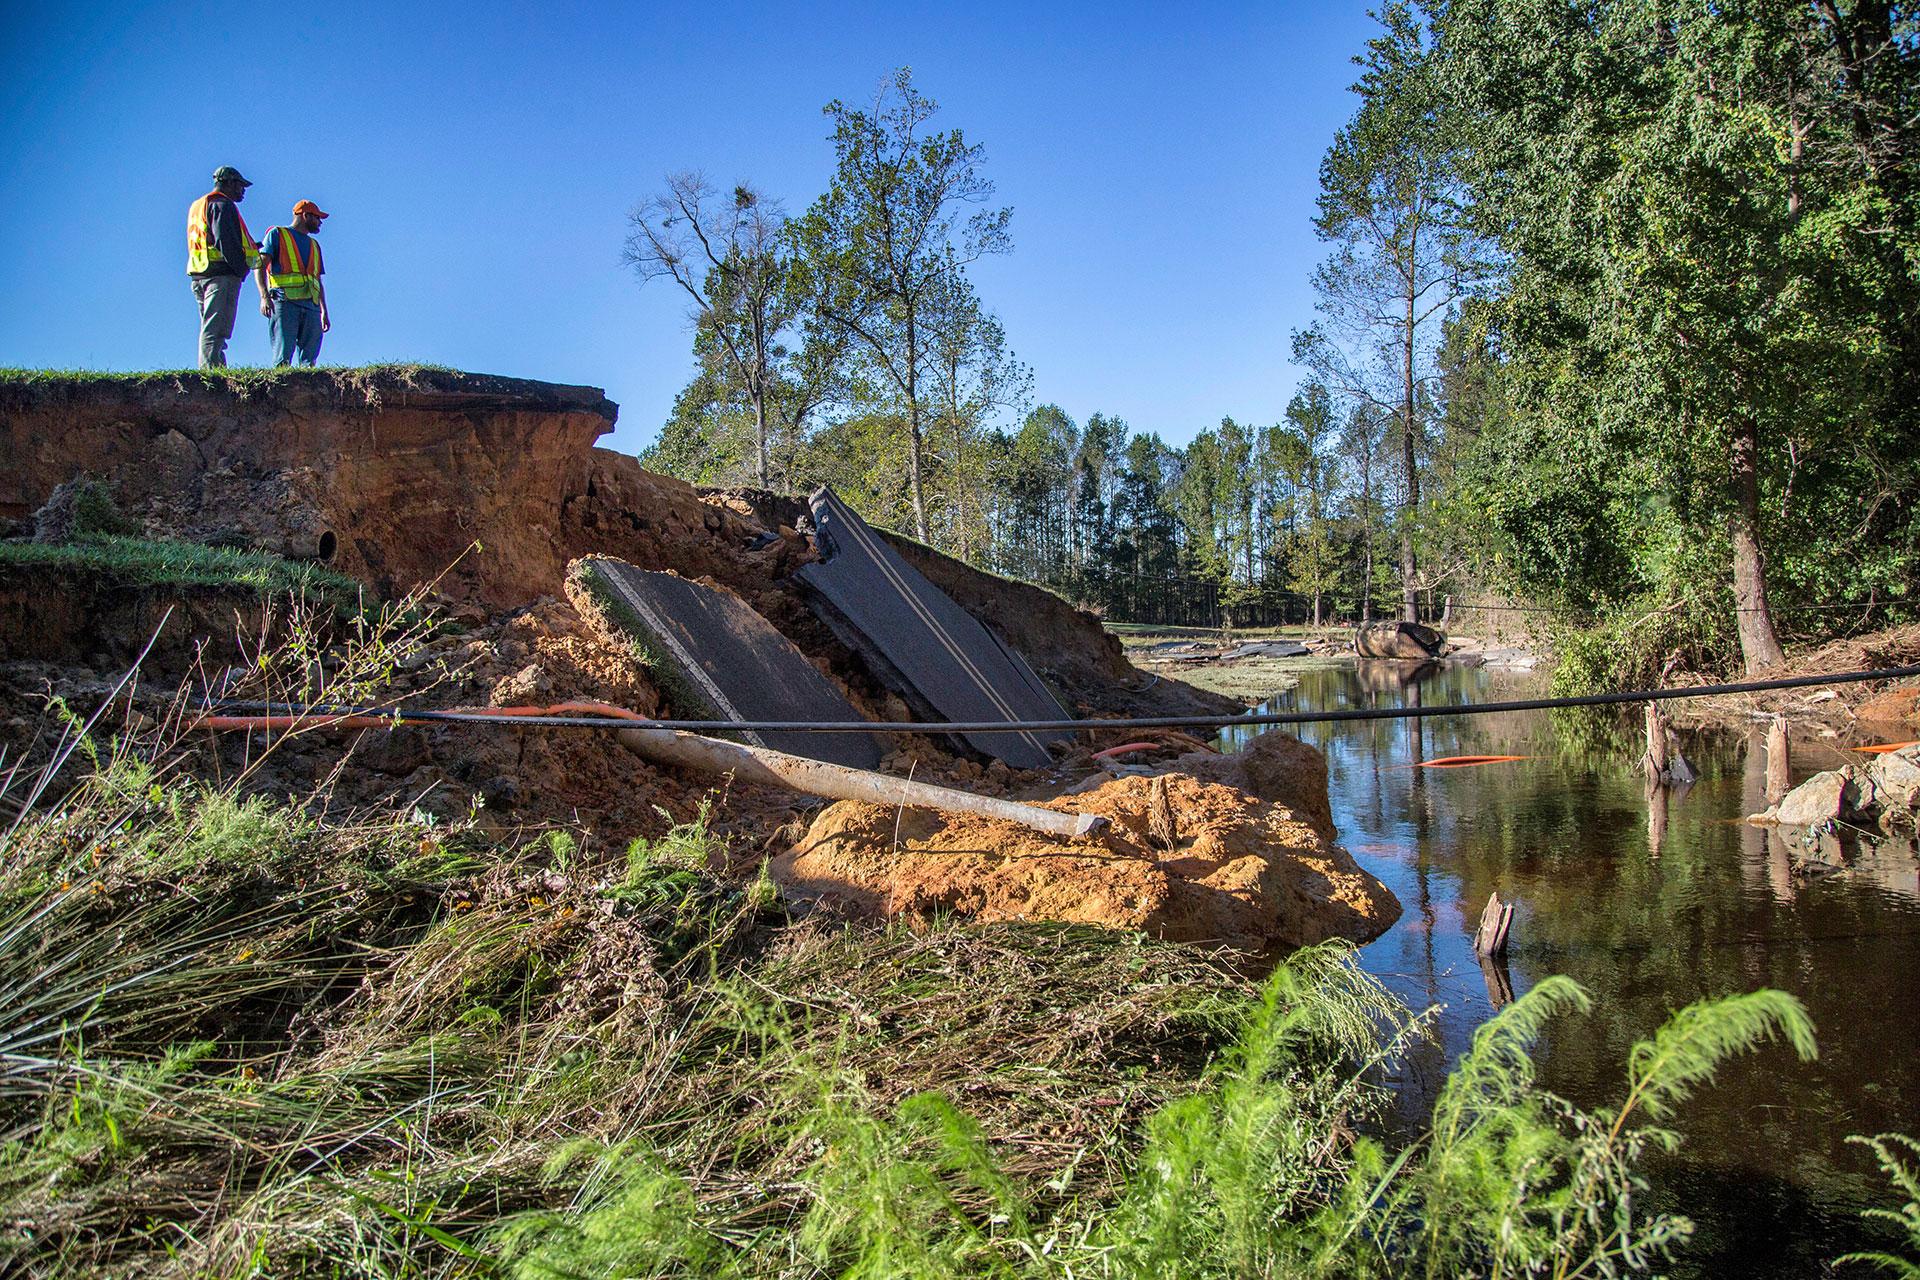 Las inundaciones provocaron el derrumbe de carreteras y puentes sobre los rios